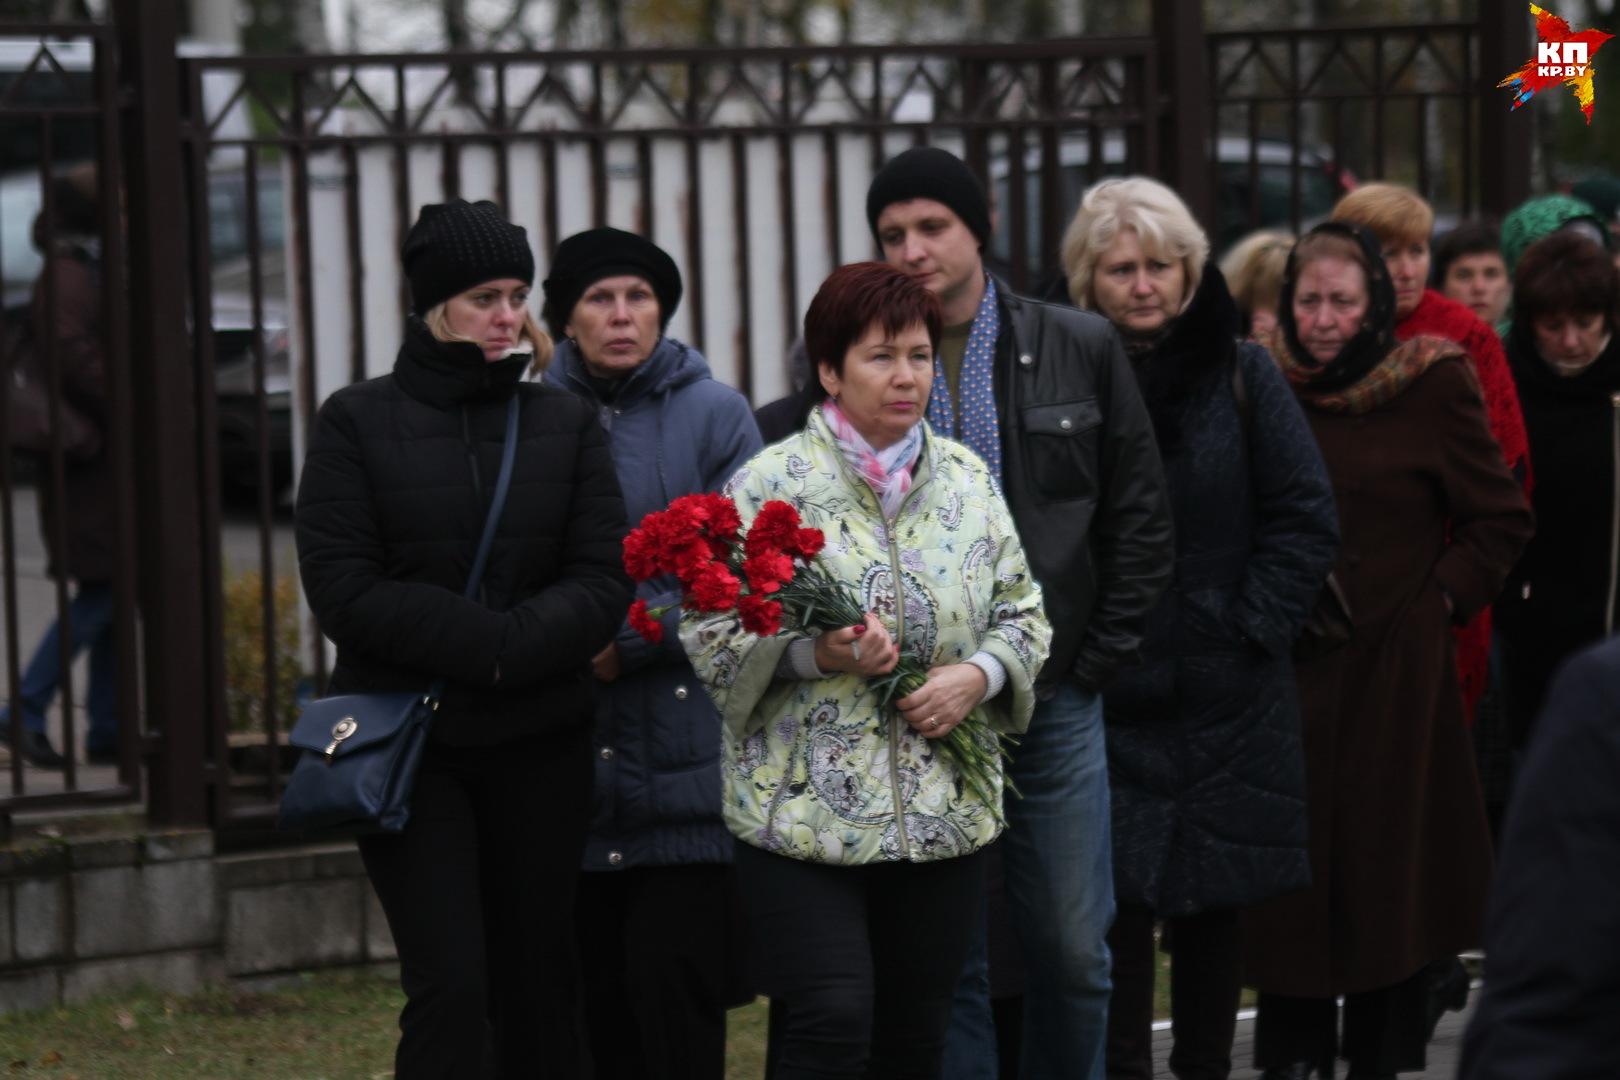 Попрощаться с погибшей пришли родственники, друзья и коллеги. Фото: Мария Рольските